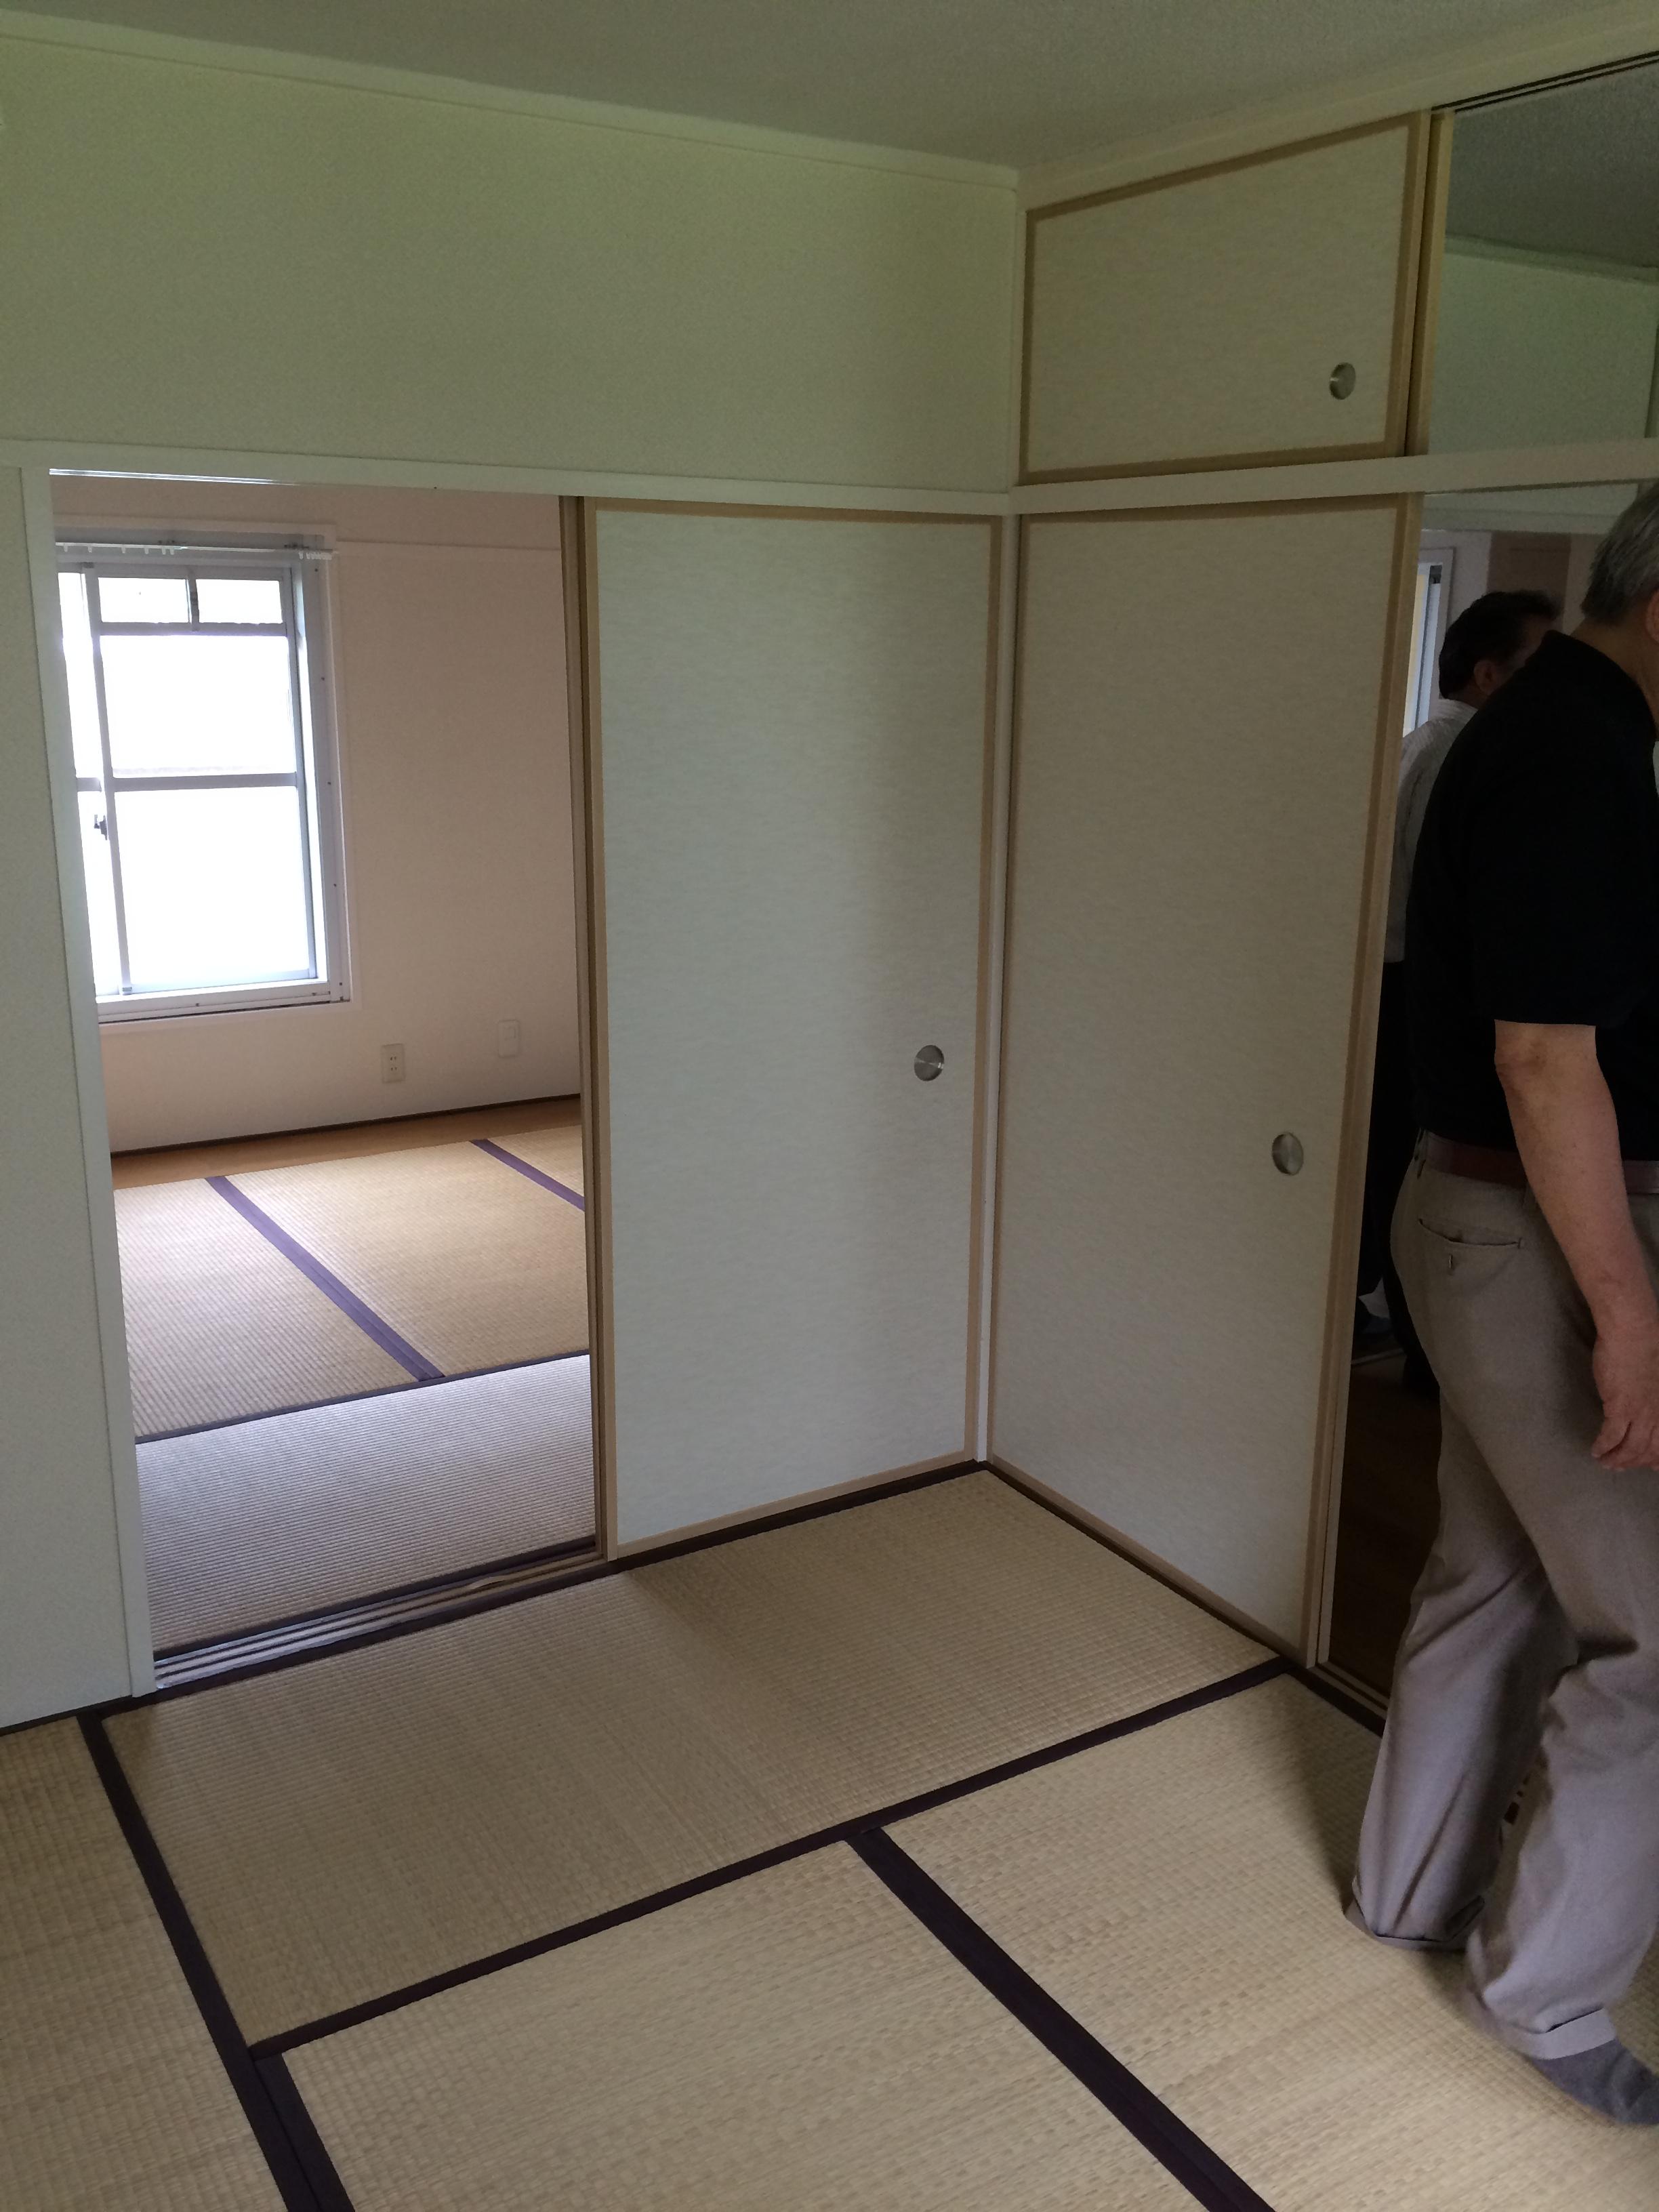 Aanpassing huur woningen: wat kunnen we van Japan leren? - BRIQS ...